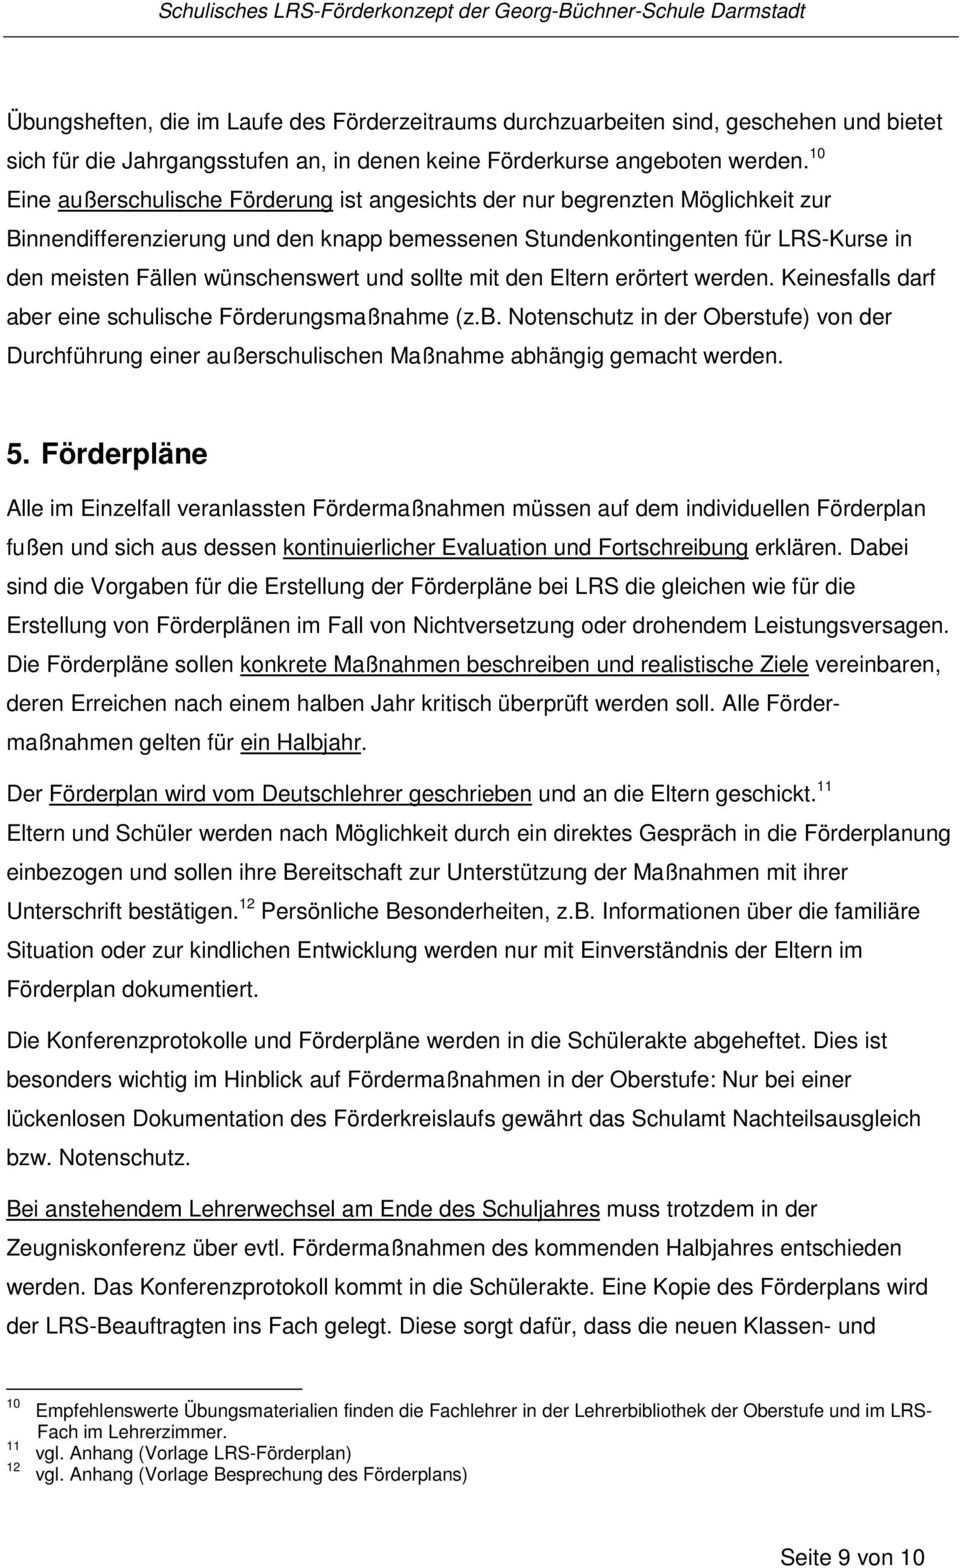 Schulisches Lrs Forderkonzept Pdf Free Download